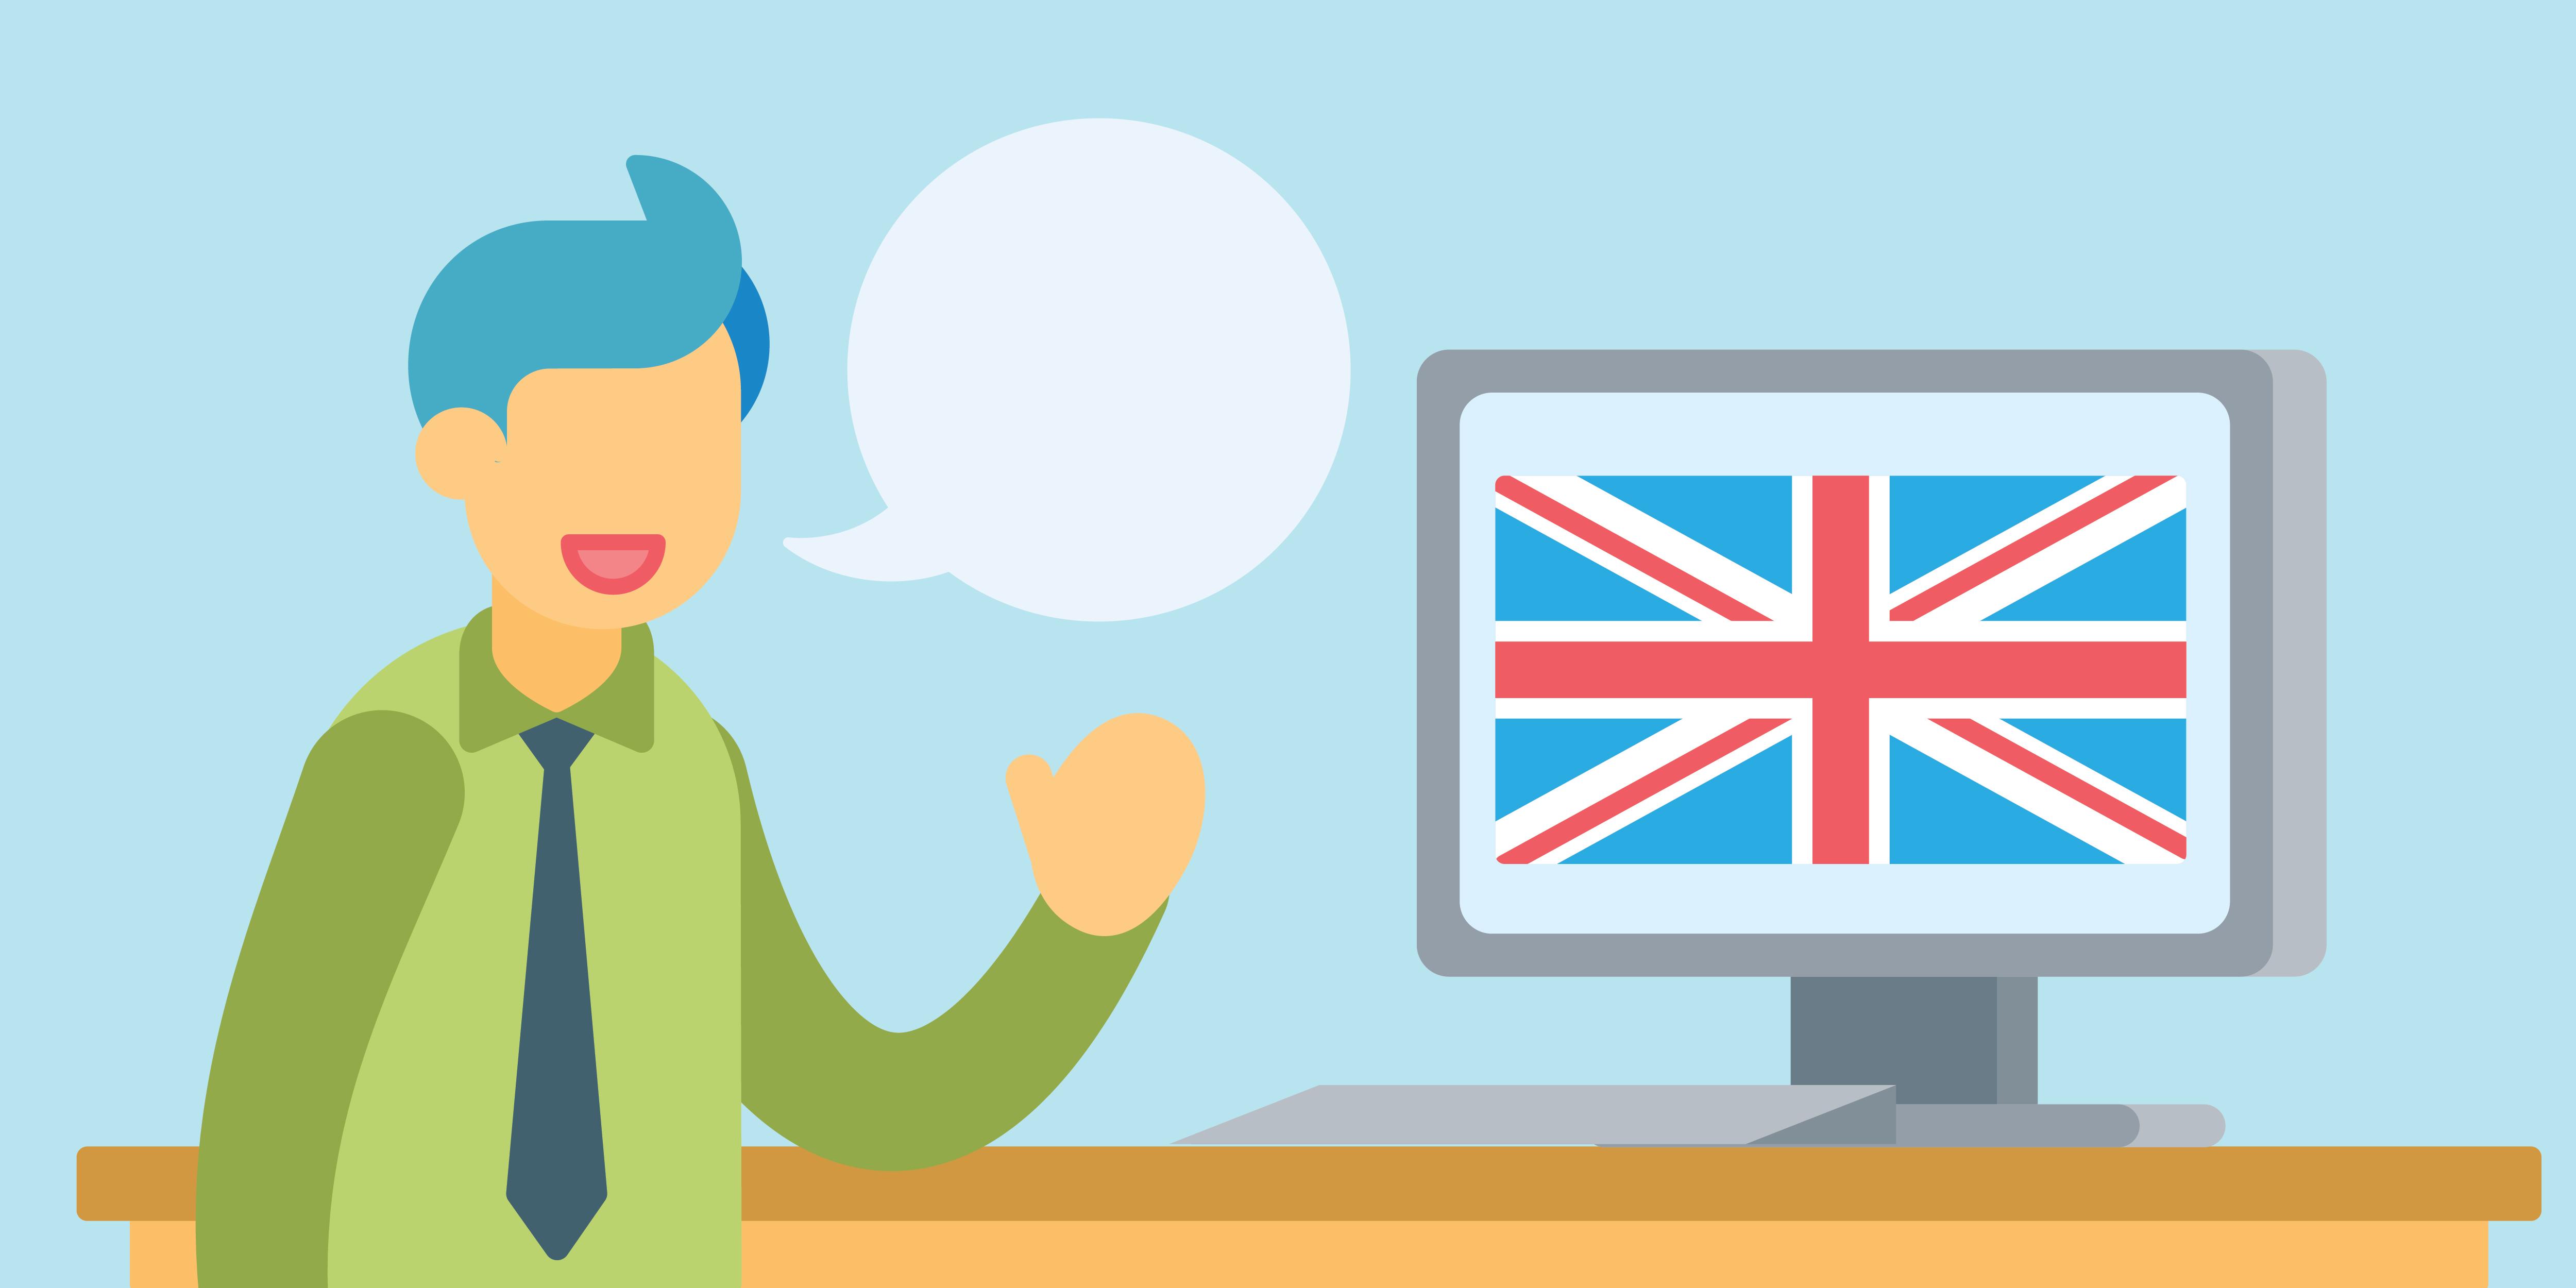 Apprendre Les Verbes Irreguliers Anglais En Video Collegepolytechnique Com